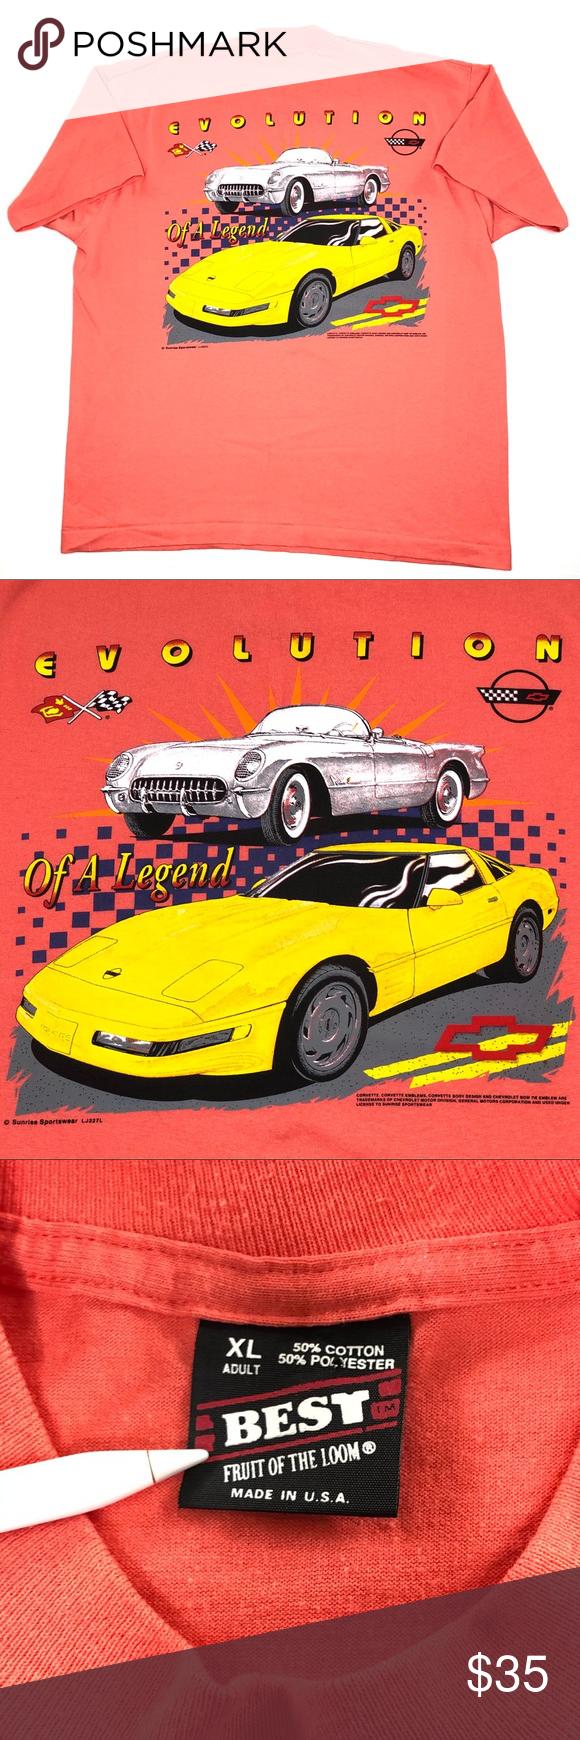 Vintage Chevy Corvette Racing T Shirt Size XL Vintage